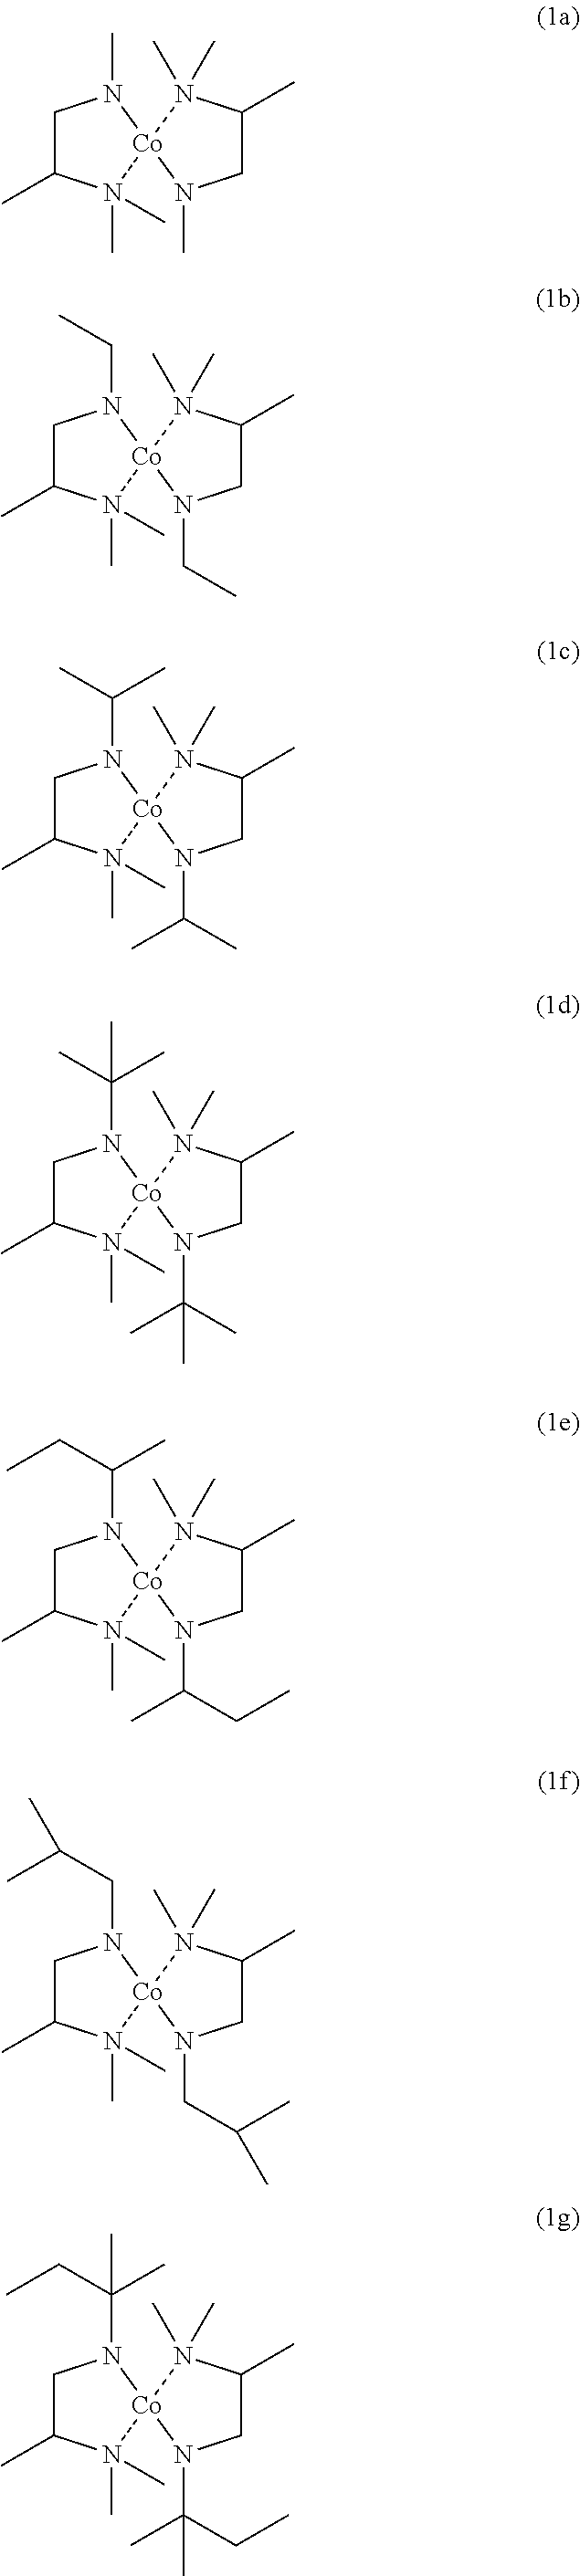 Figure US08871304-20141028-C00097